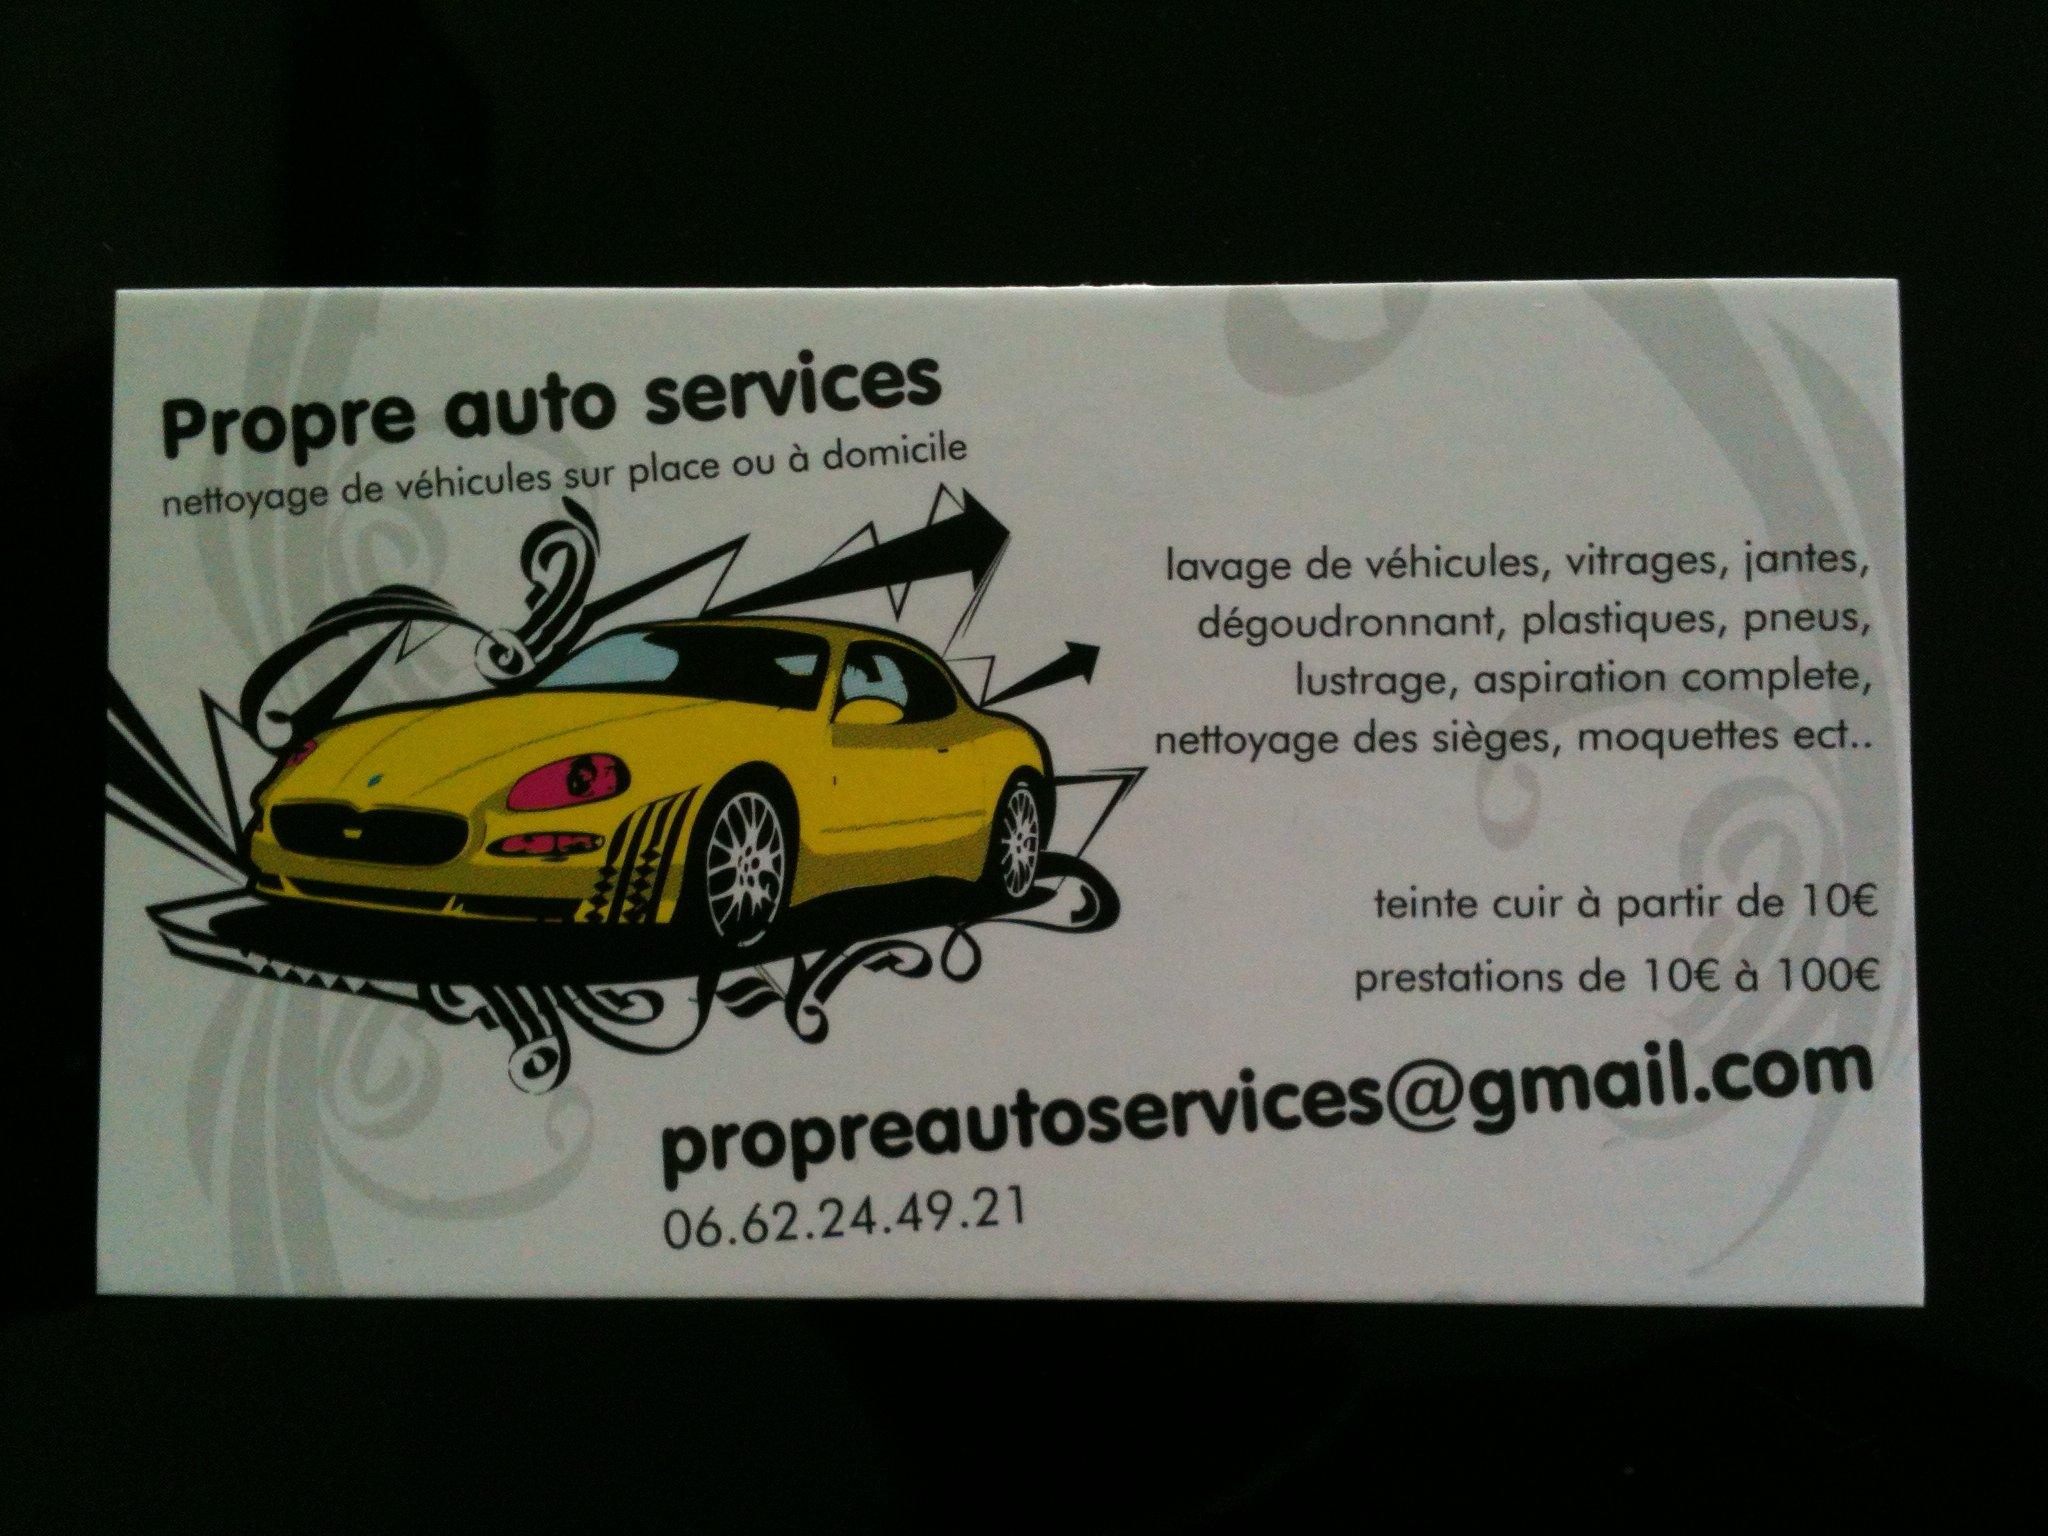 Carte De Visite Dans La Societe Visite1 1024x768 Par Propre Auto Services Nettoyage